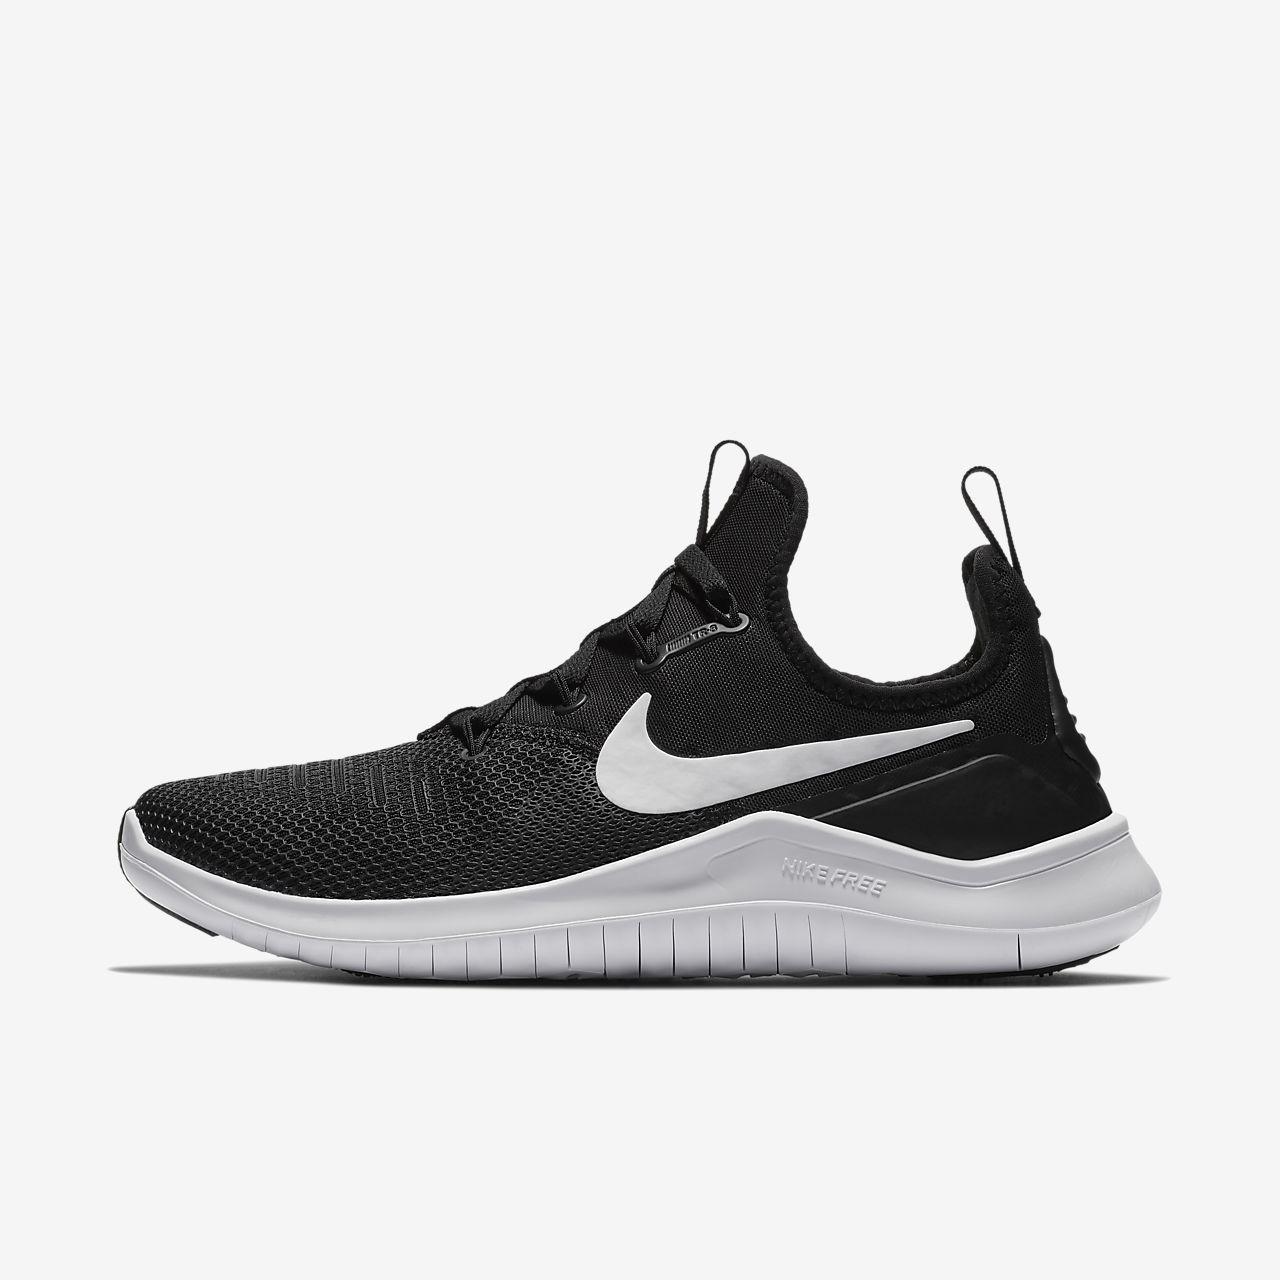 sports shoes 20165 4a882 ... Nike Free TR8 Zapatillas de cross-training, HIIT y para el gimnasio -  Mujer